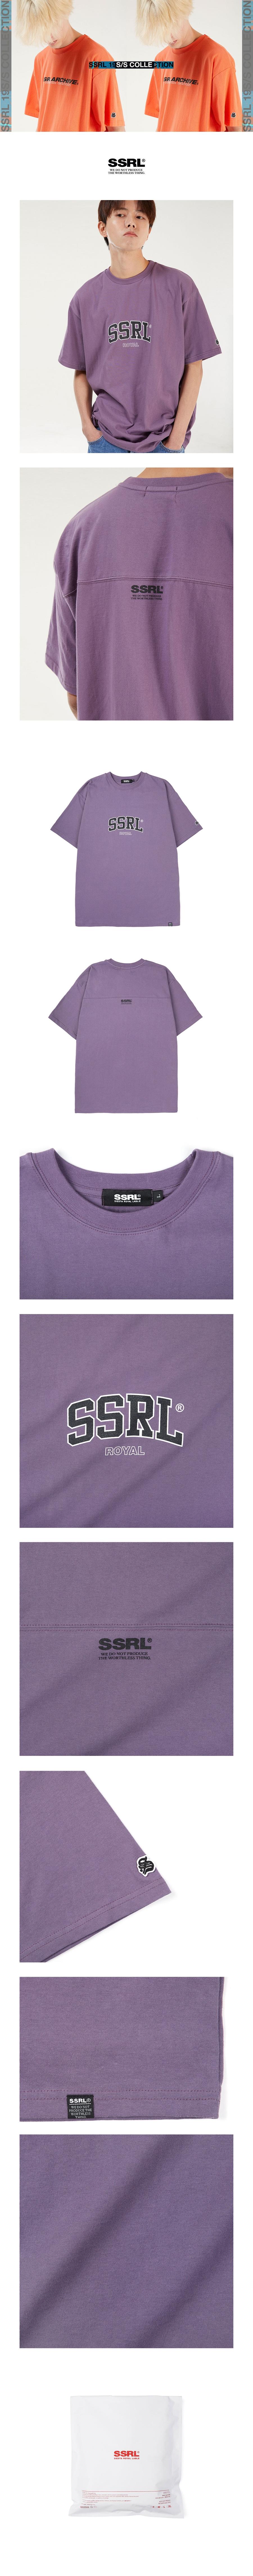 에스에스알엘(SSRL) arch logo tee / purple